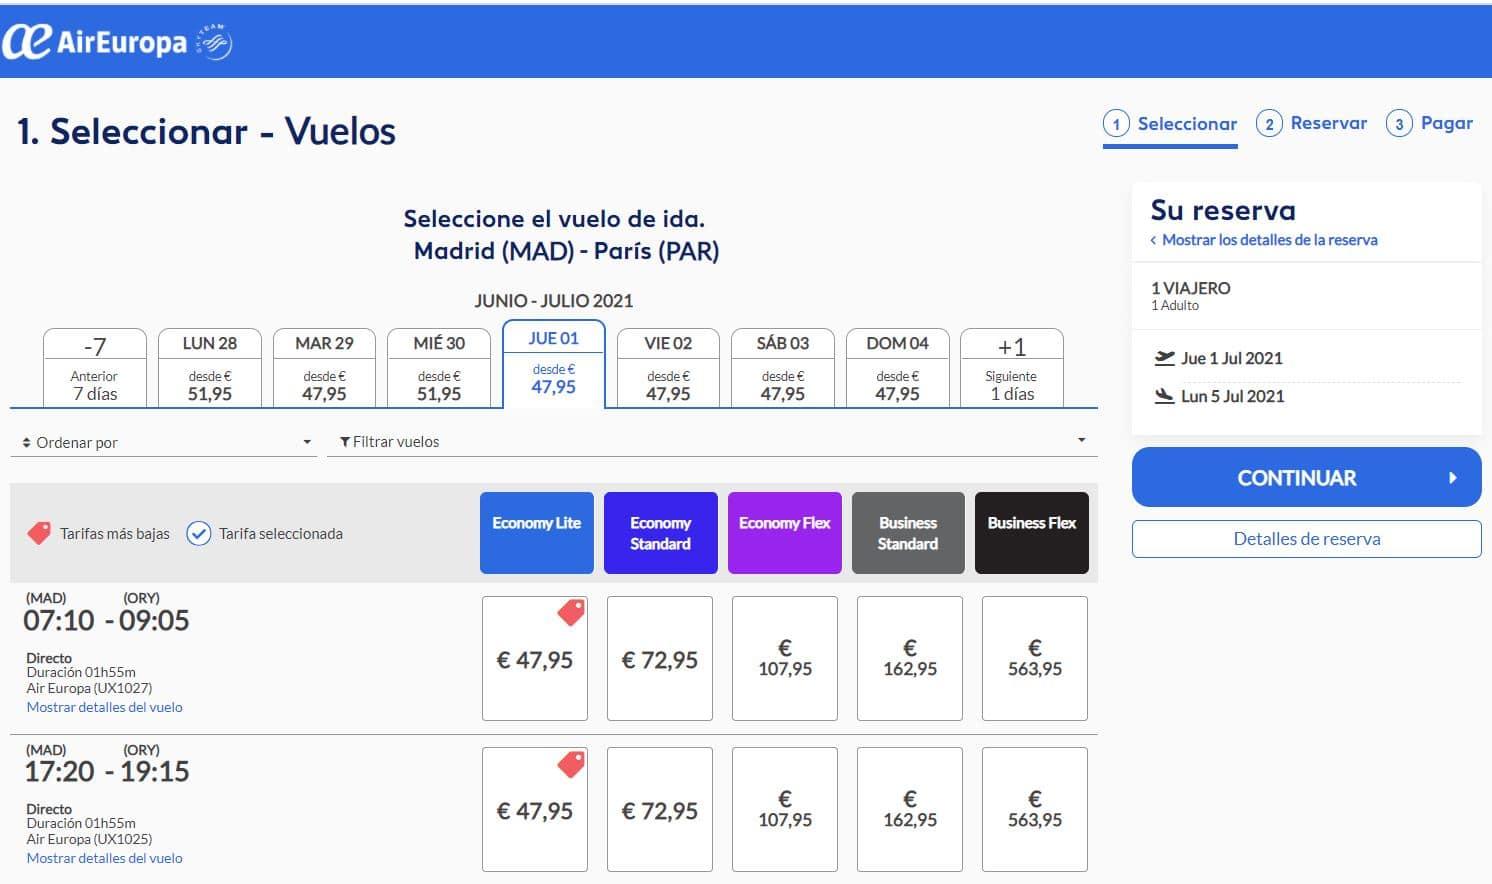 Segundo paso para reservar un vuelo con Air Europa